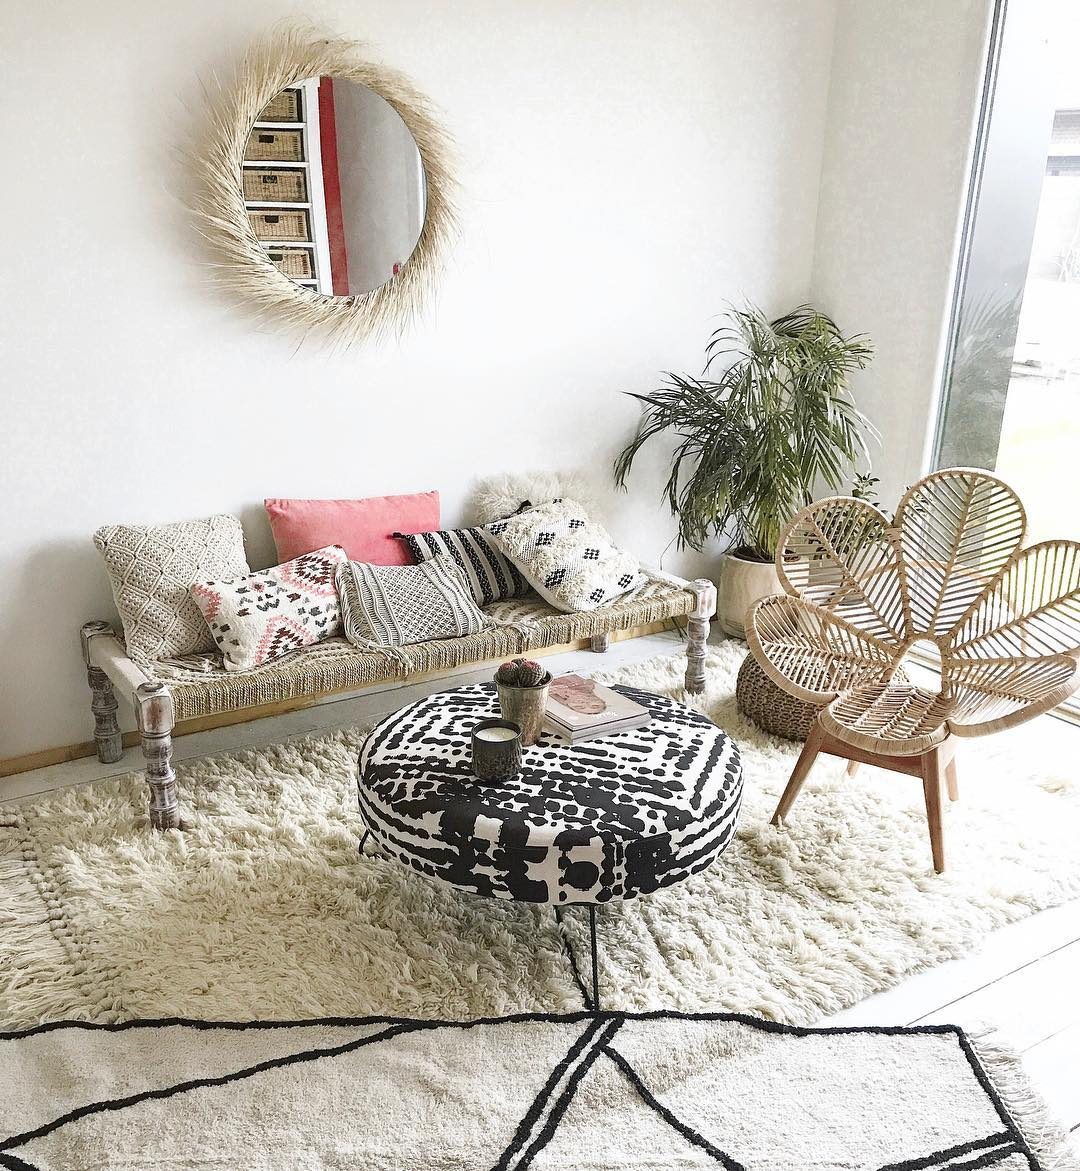 décoration chambre d'amis